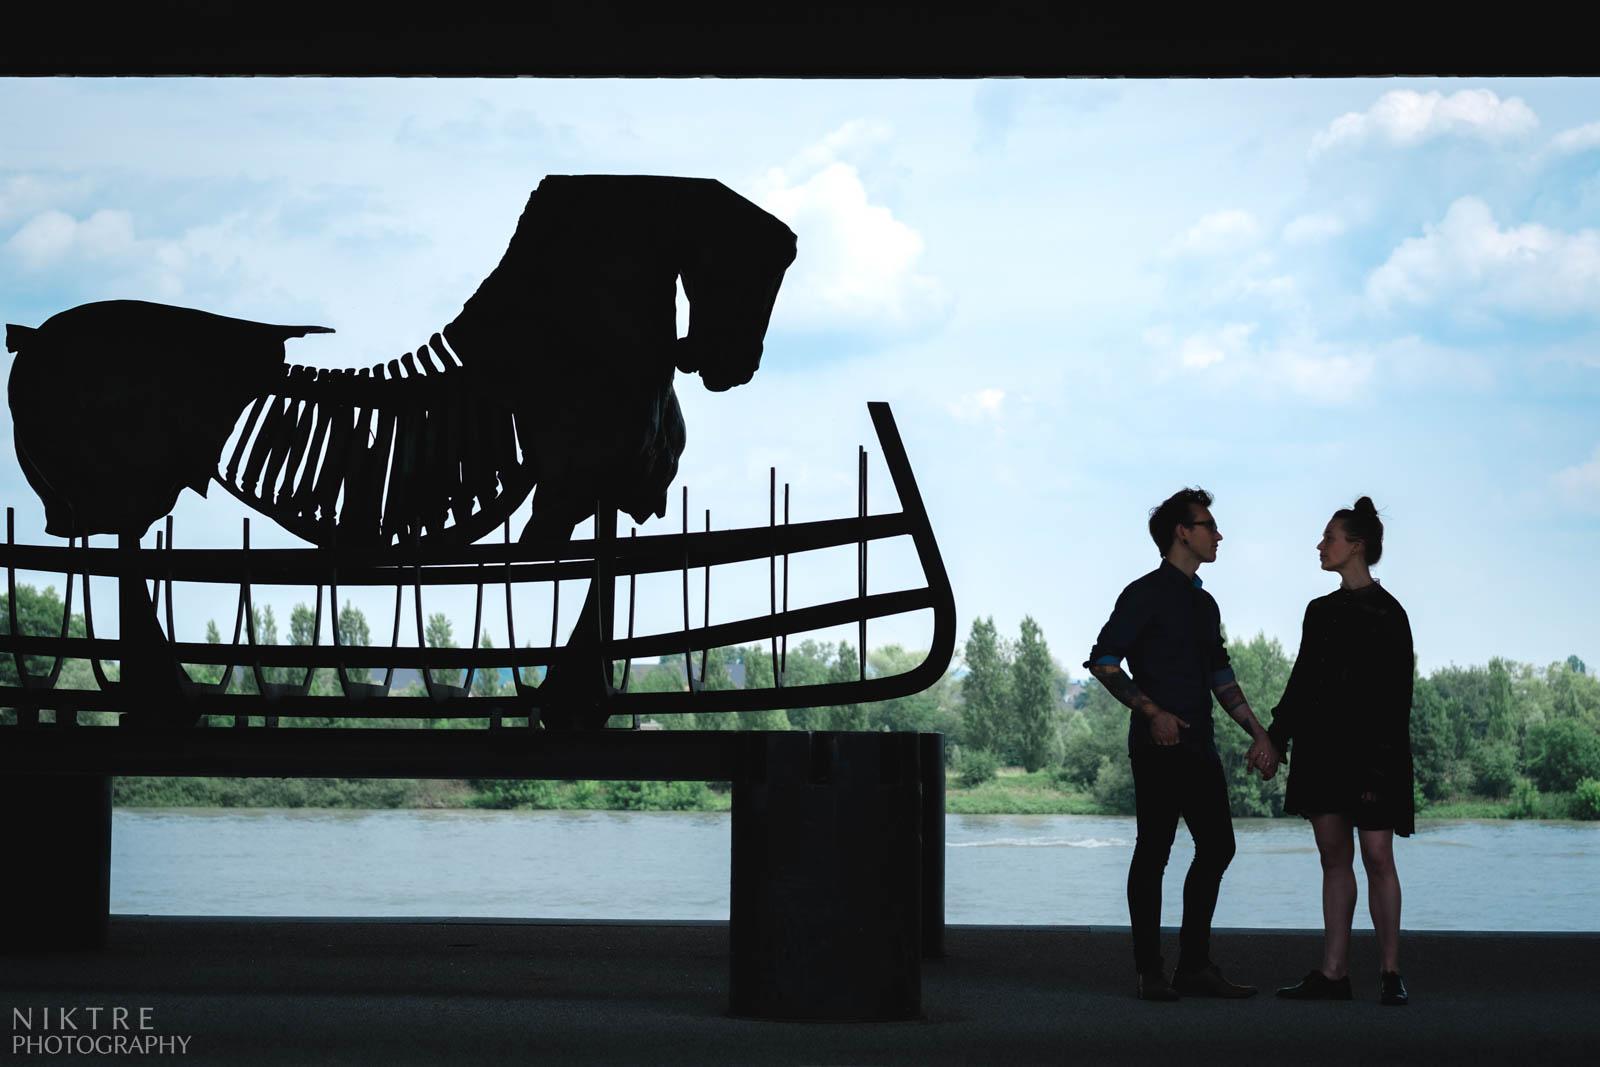 Silhouetten von zwei Menschen und eines Pferdes mit Rhein im Hintergrund